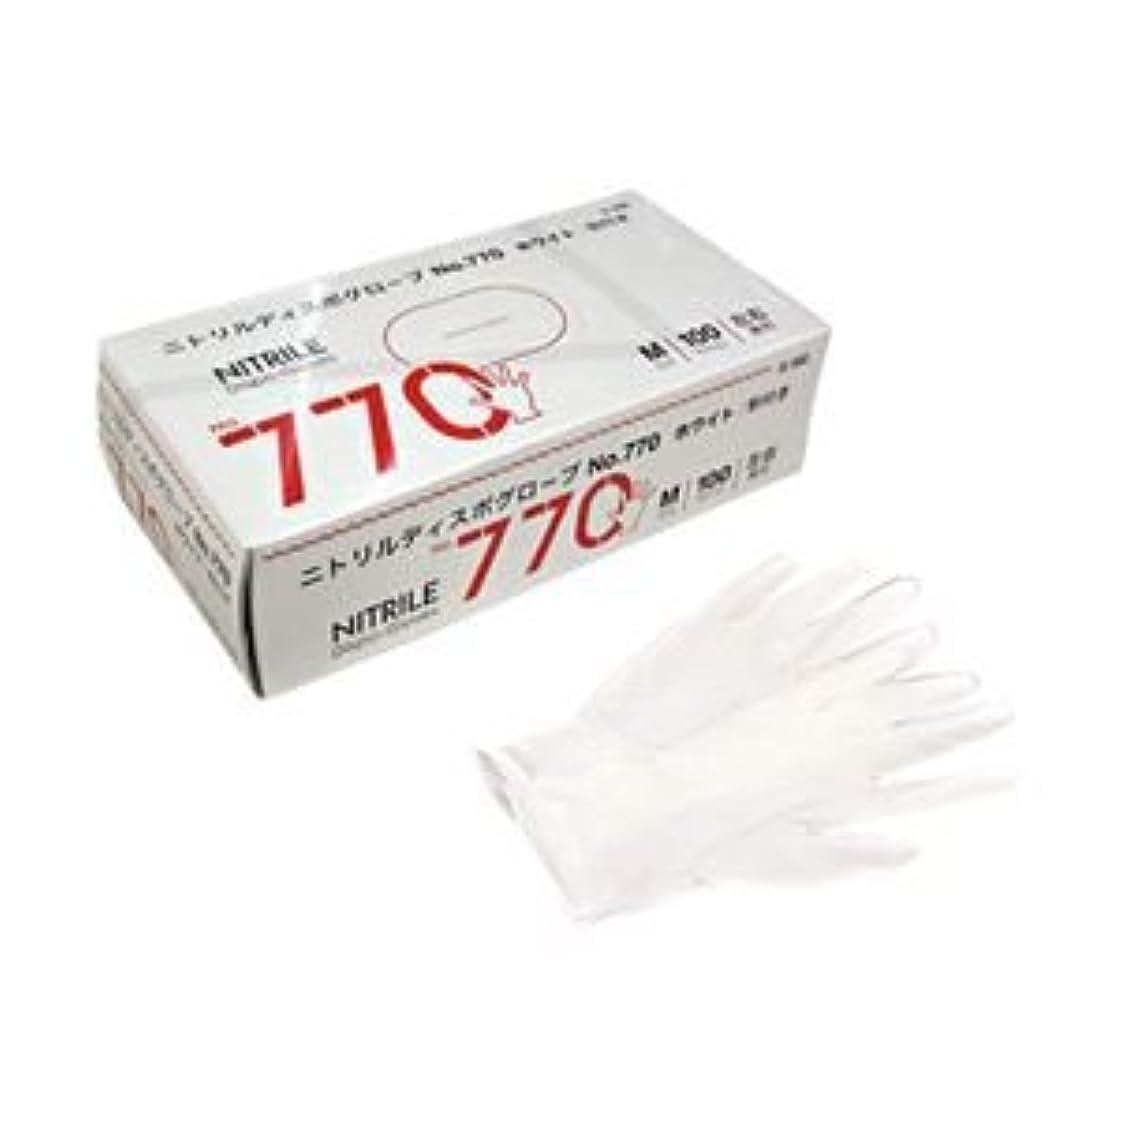 アルプス酔っ払い社交的(業務用セット) 宇都宮製作 ニトリル手袋770 粉付き M 1箱(100枚) 【×5セット】